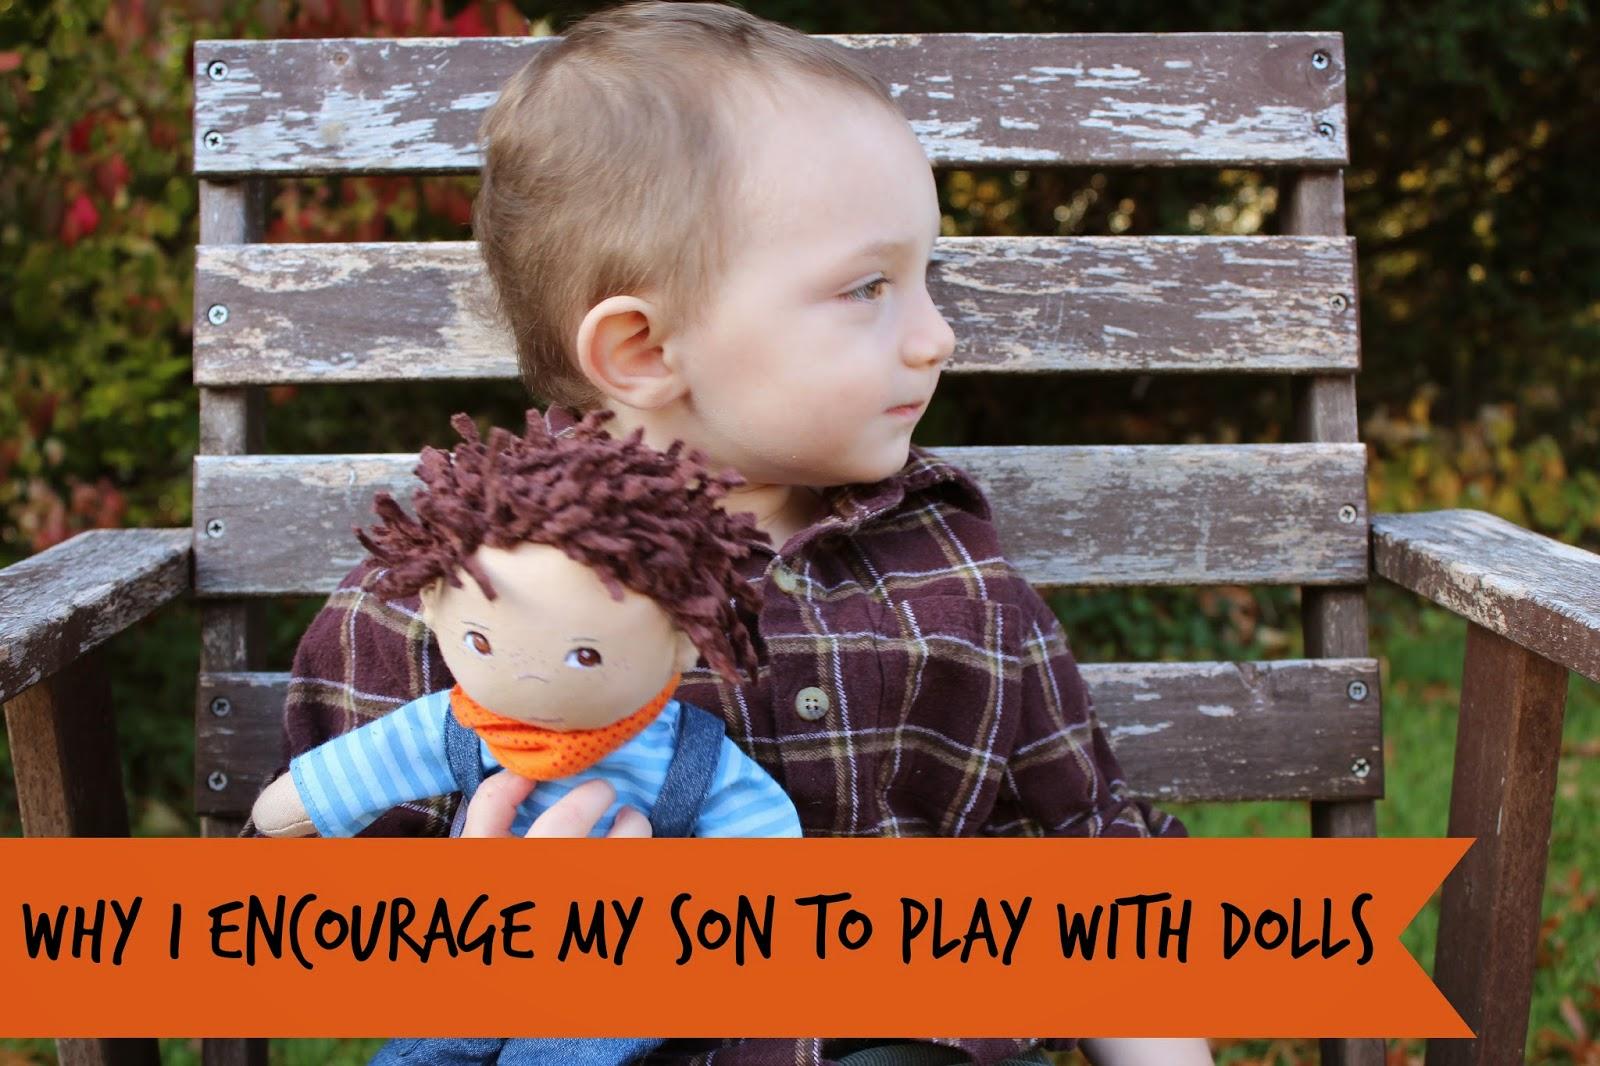 Why My Boy Plays with dolls?